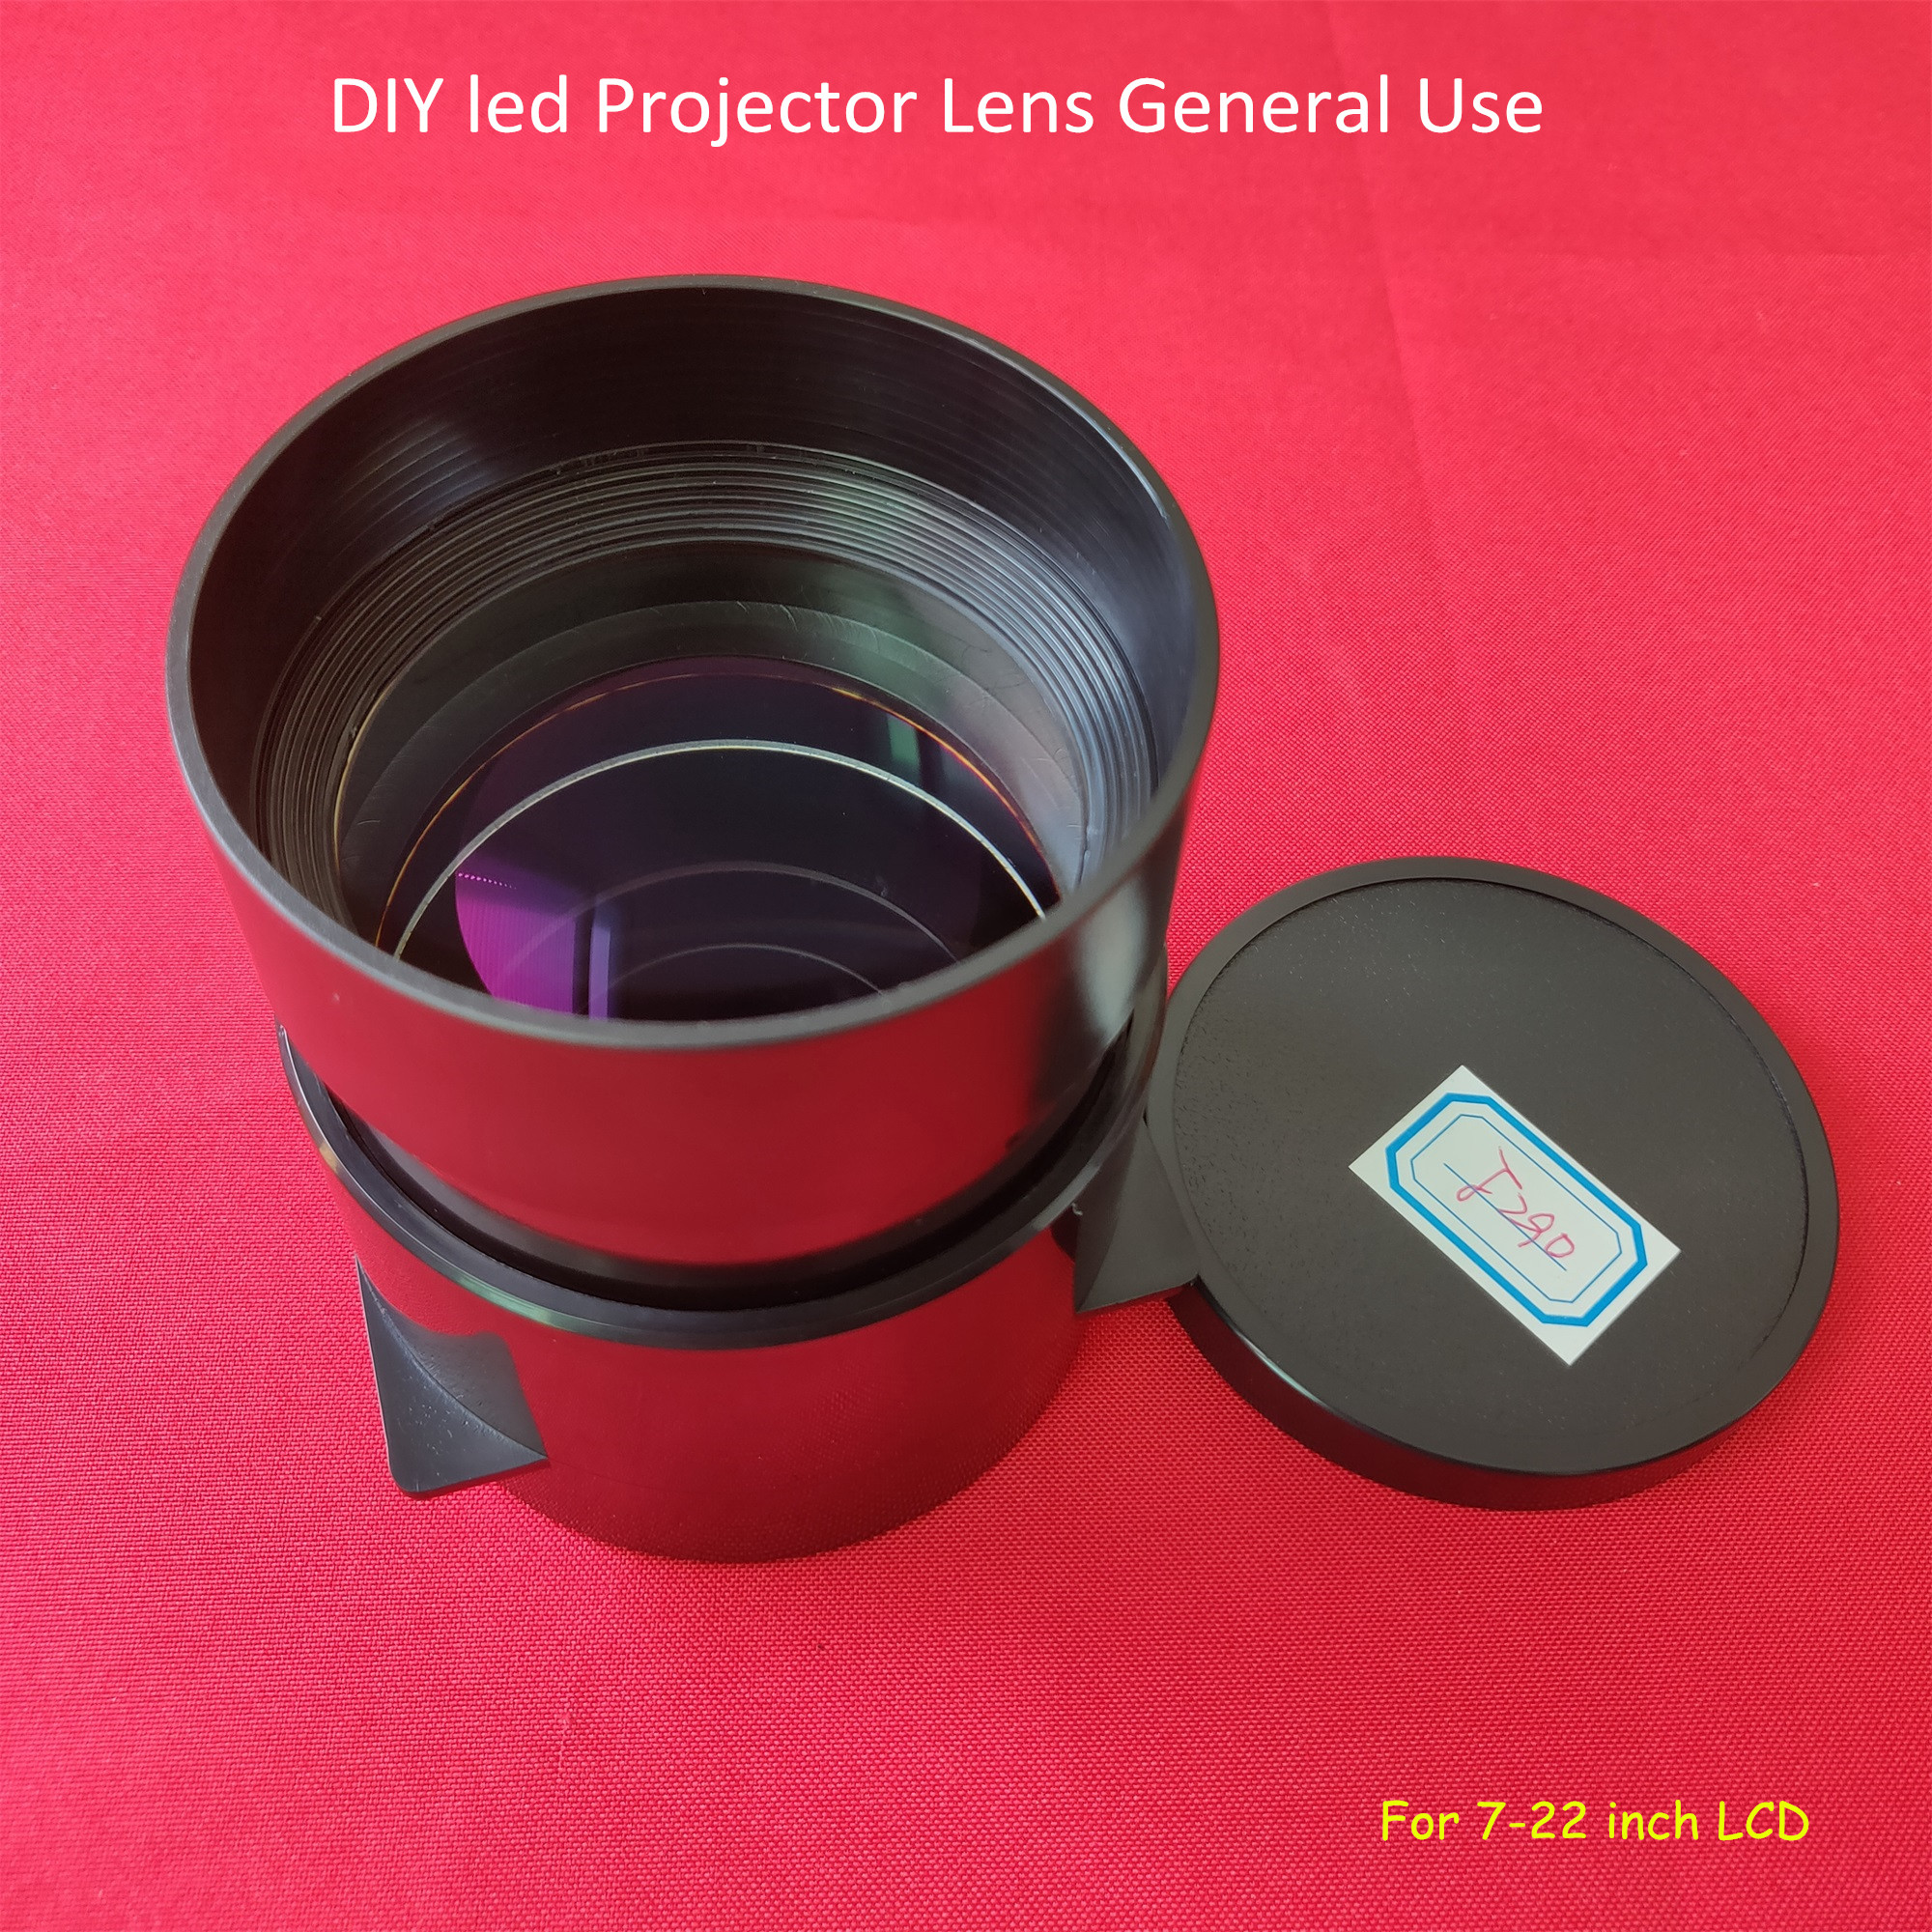 Uso generale F290 proiettore FAI DA TE obiettivo di vetro per 7/7. 6/8/8. 9/9. 7/22 pollici proiettore/proiezione fai da te obiettivo di vetro home cinemaUso generale F290 proiettore FAI DA TE obiettivo di vetro per 7/7. 6/8/8. 9/9. 7/22 pollici proiettore/proiezione fai da te obiettivo di vetro home cinema